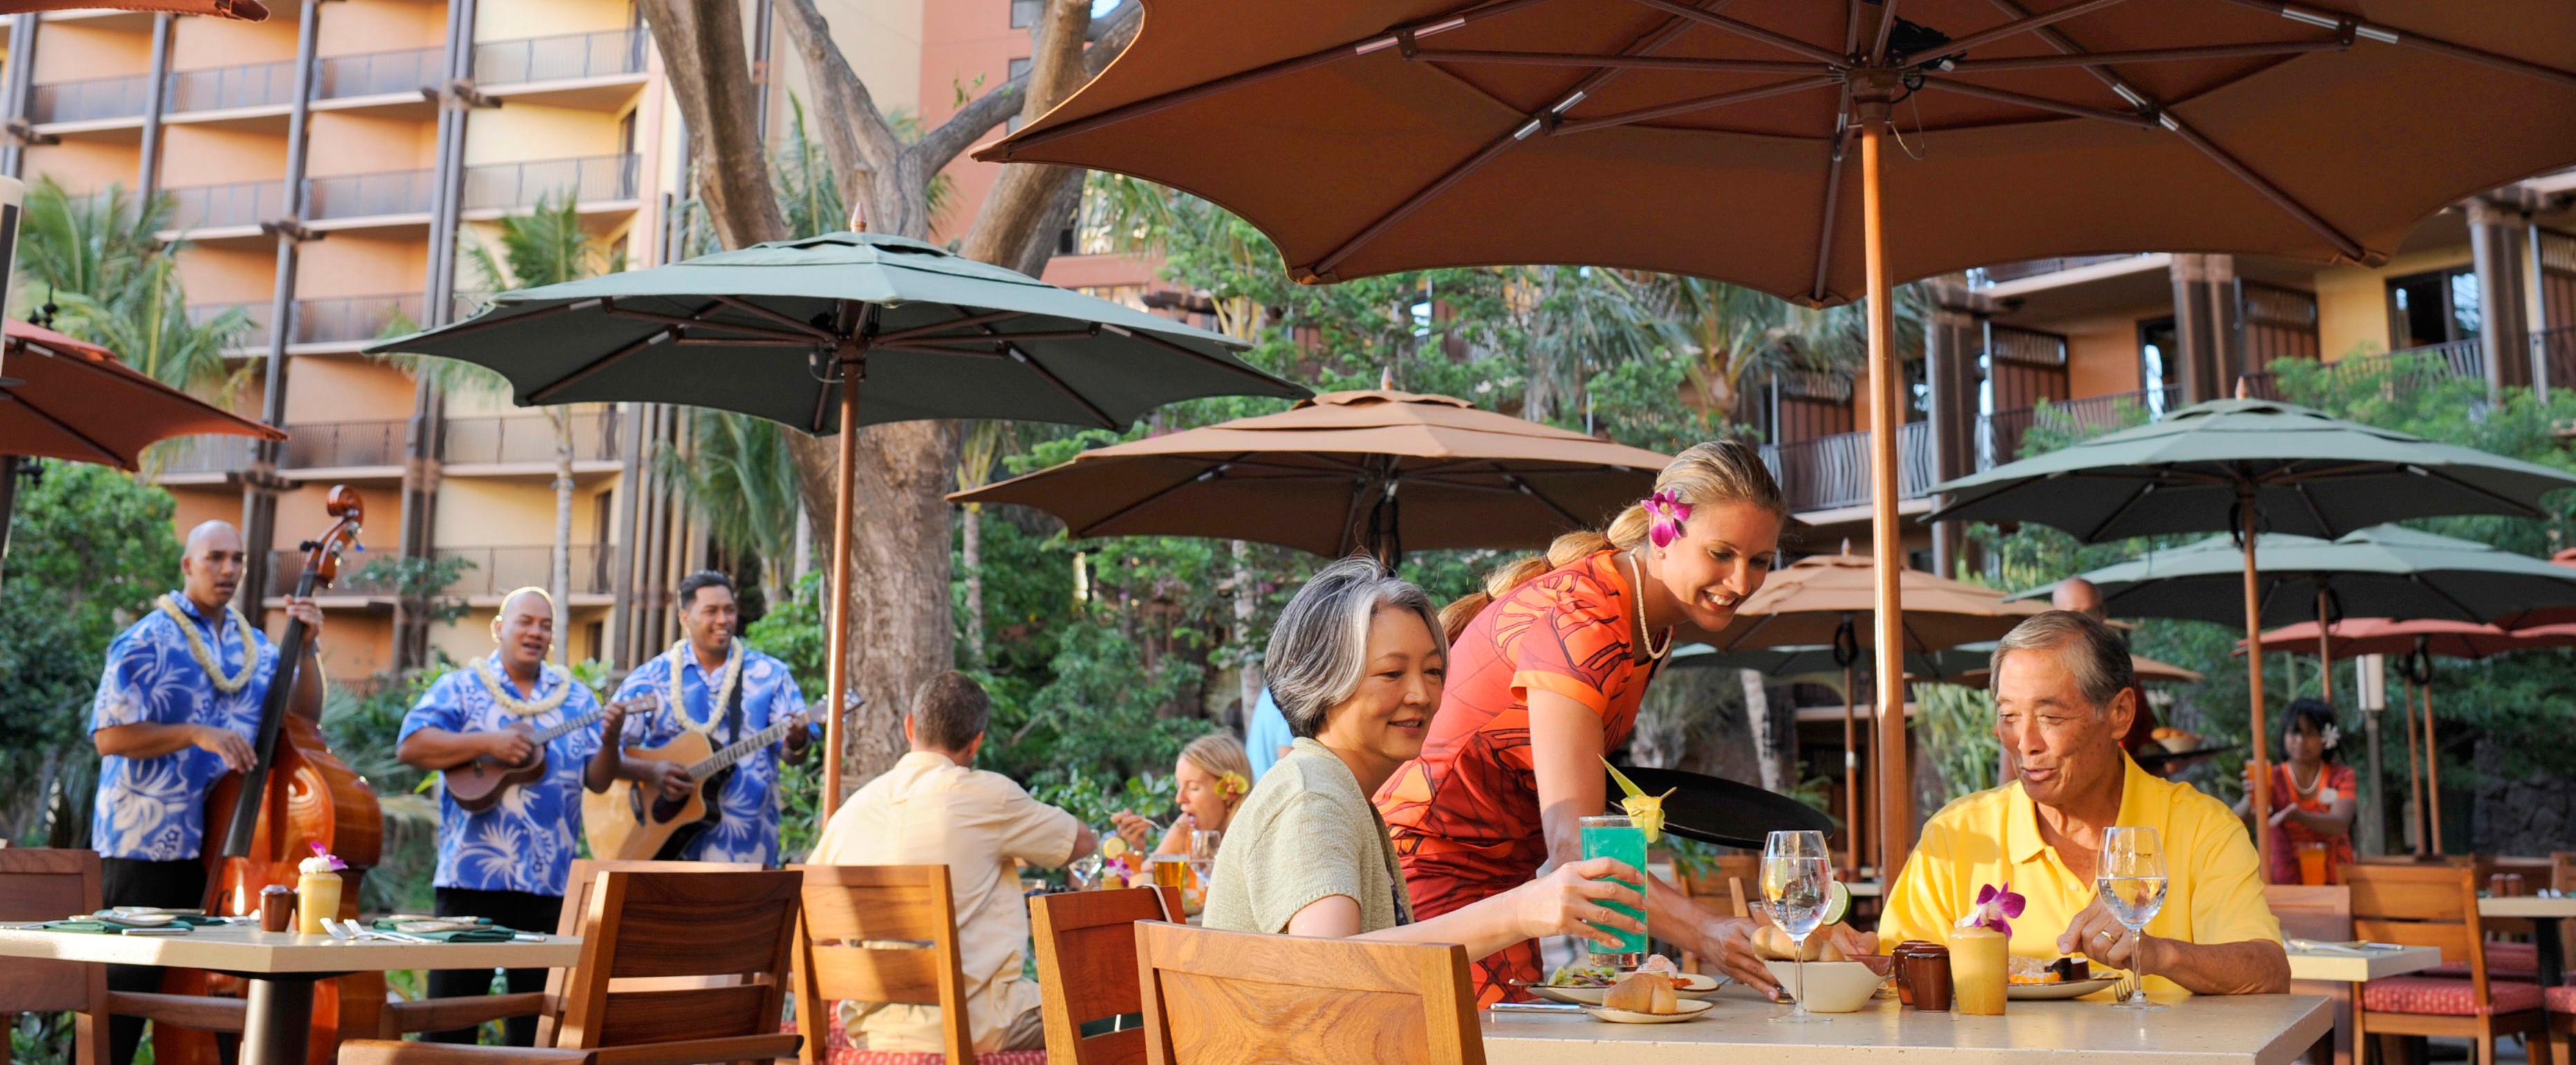 ハワイアン・ミュージシャンのトリオが音楽を奏でる間、高齢カップルのテーブルにパンのバスケットをセットするウェイター・ウェイトレス。